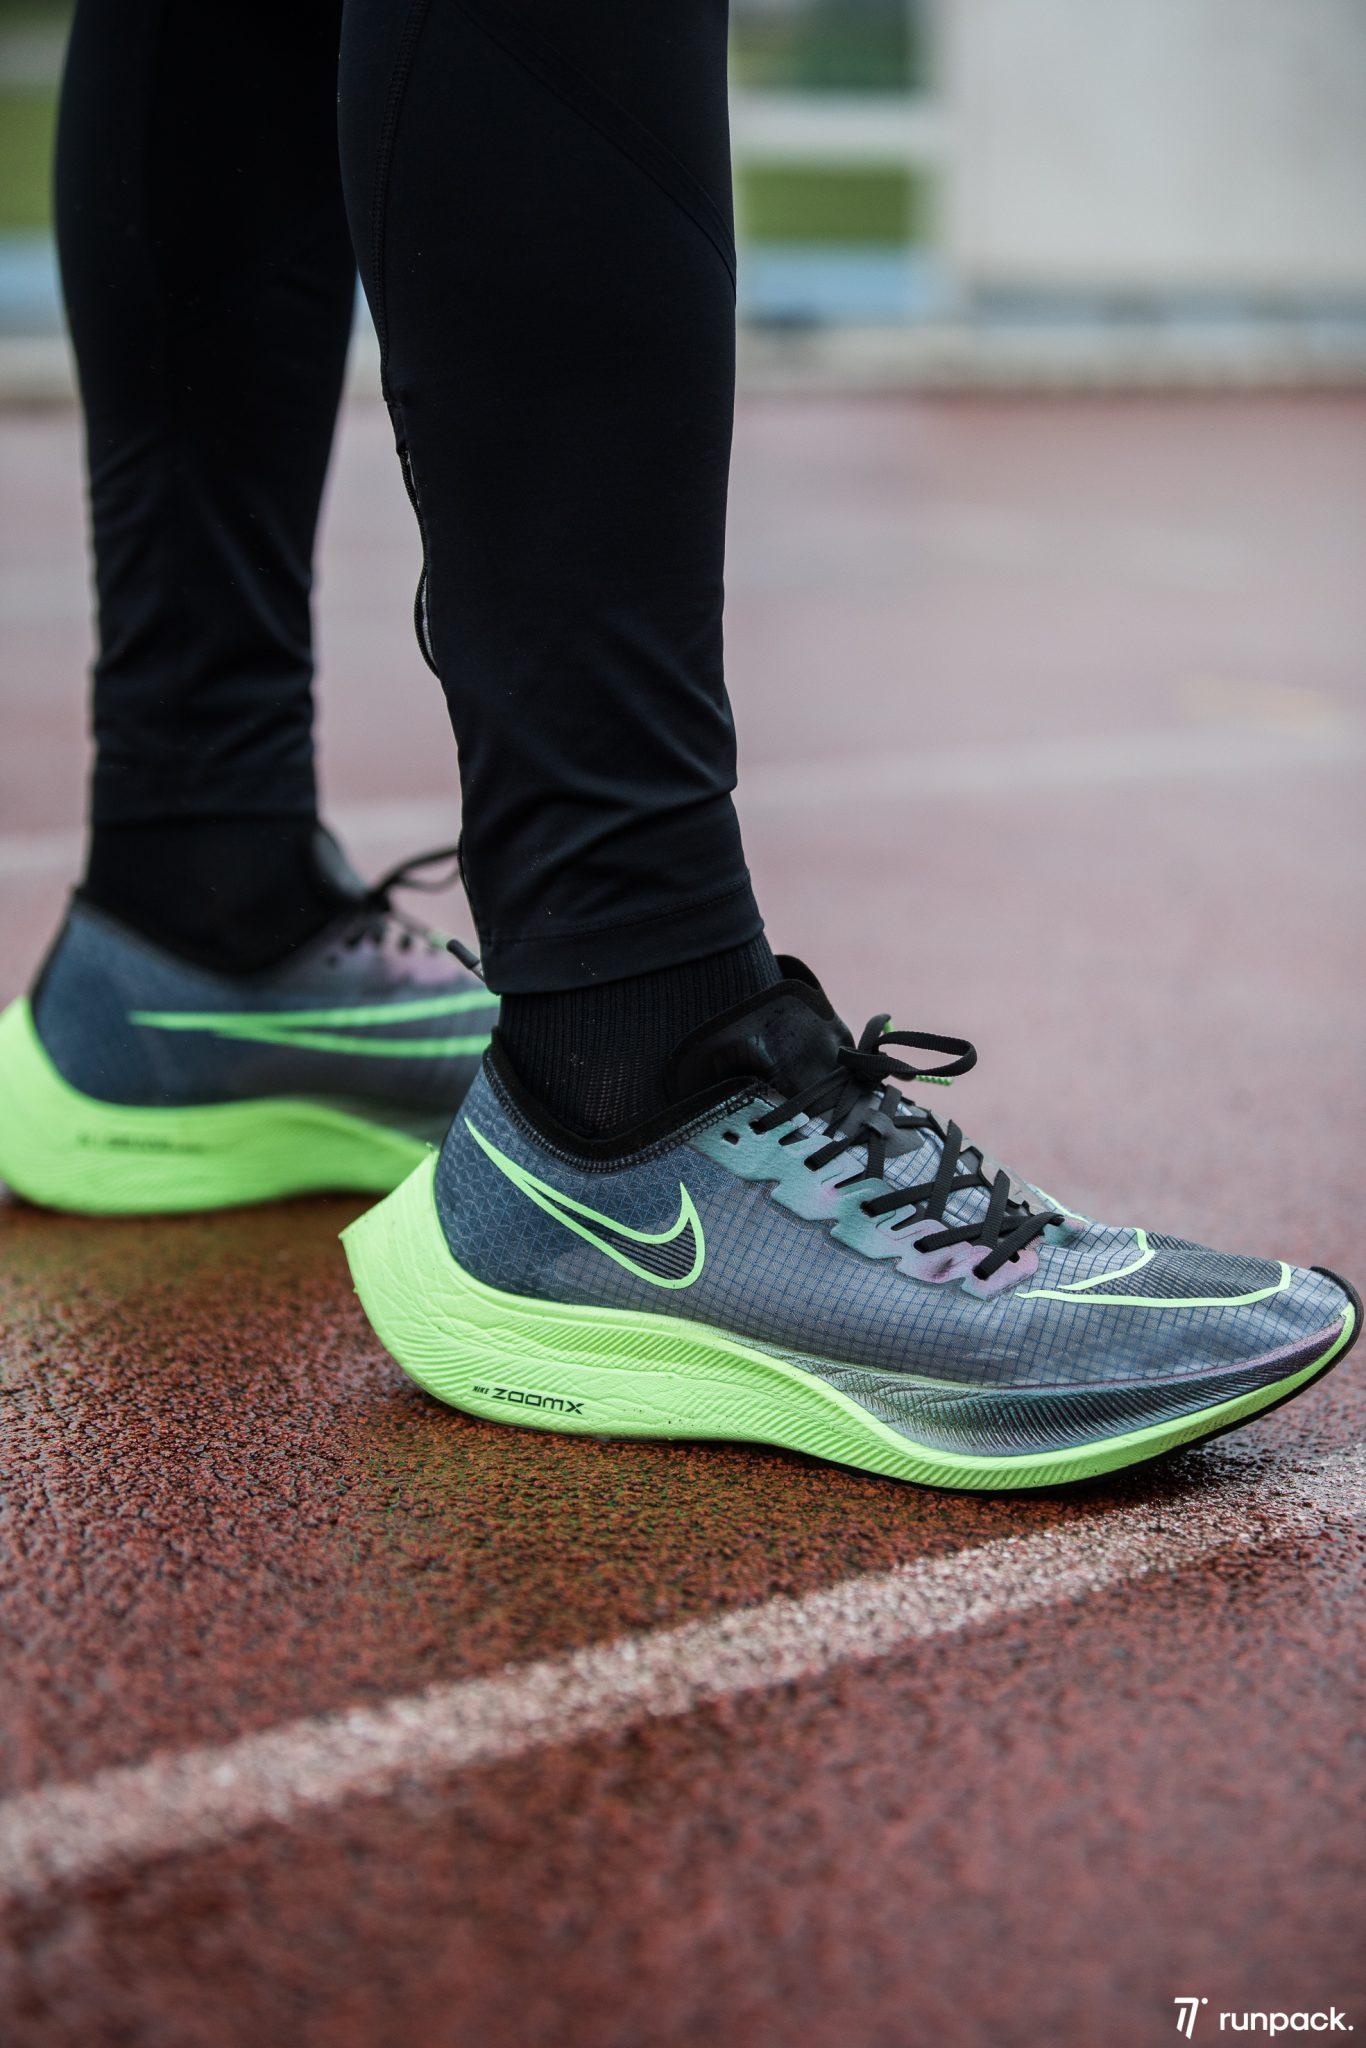 chaussures-plaques-de-carbone-running-runpack-2